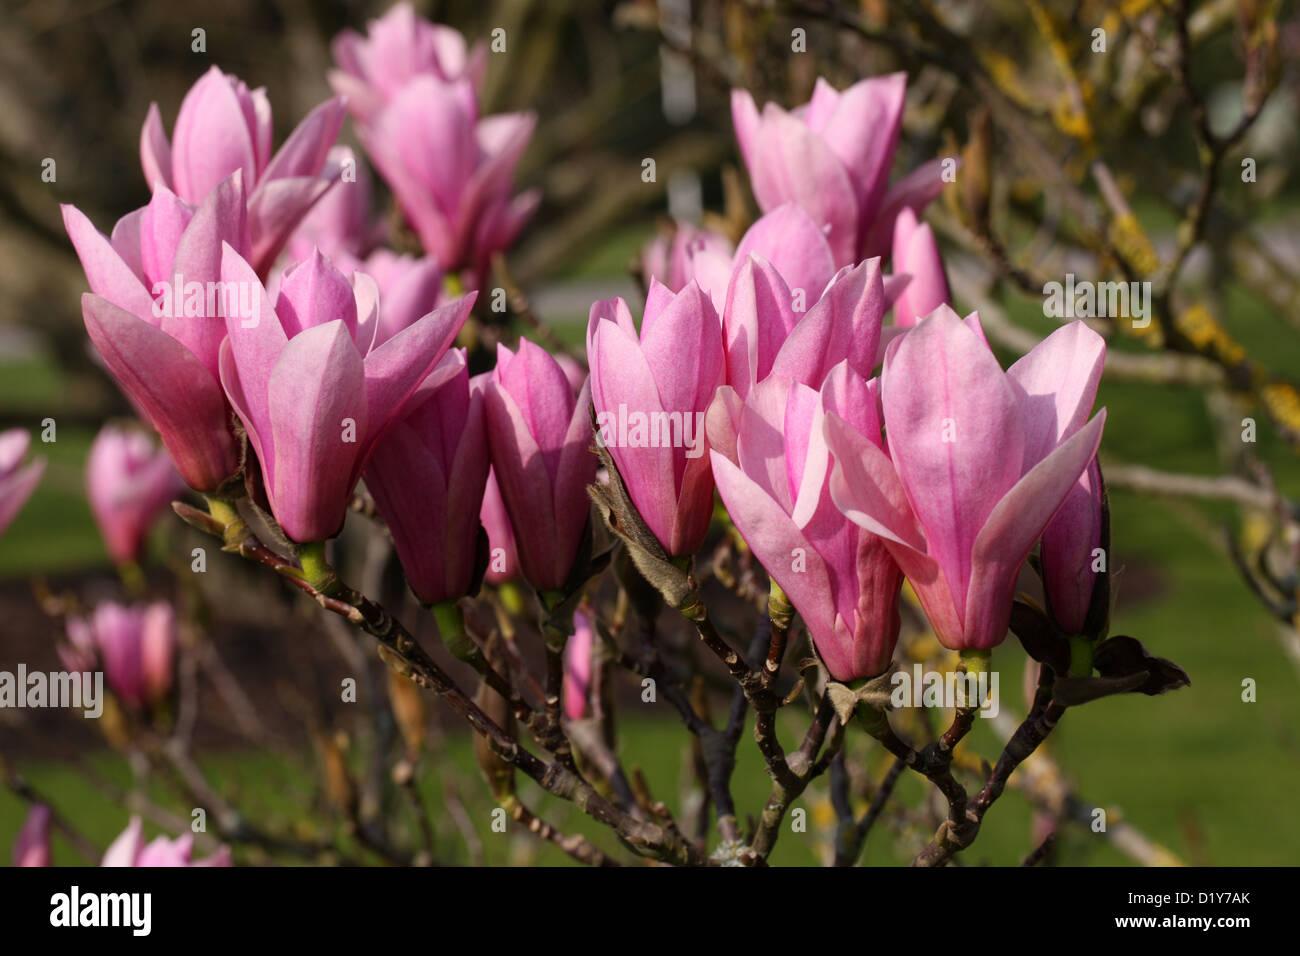 Magnolia Heaven Scent Stock Photos Magnolia Heaven Scent Stock